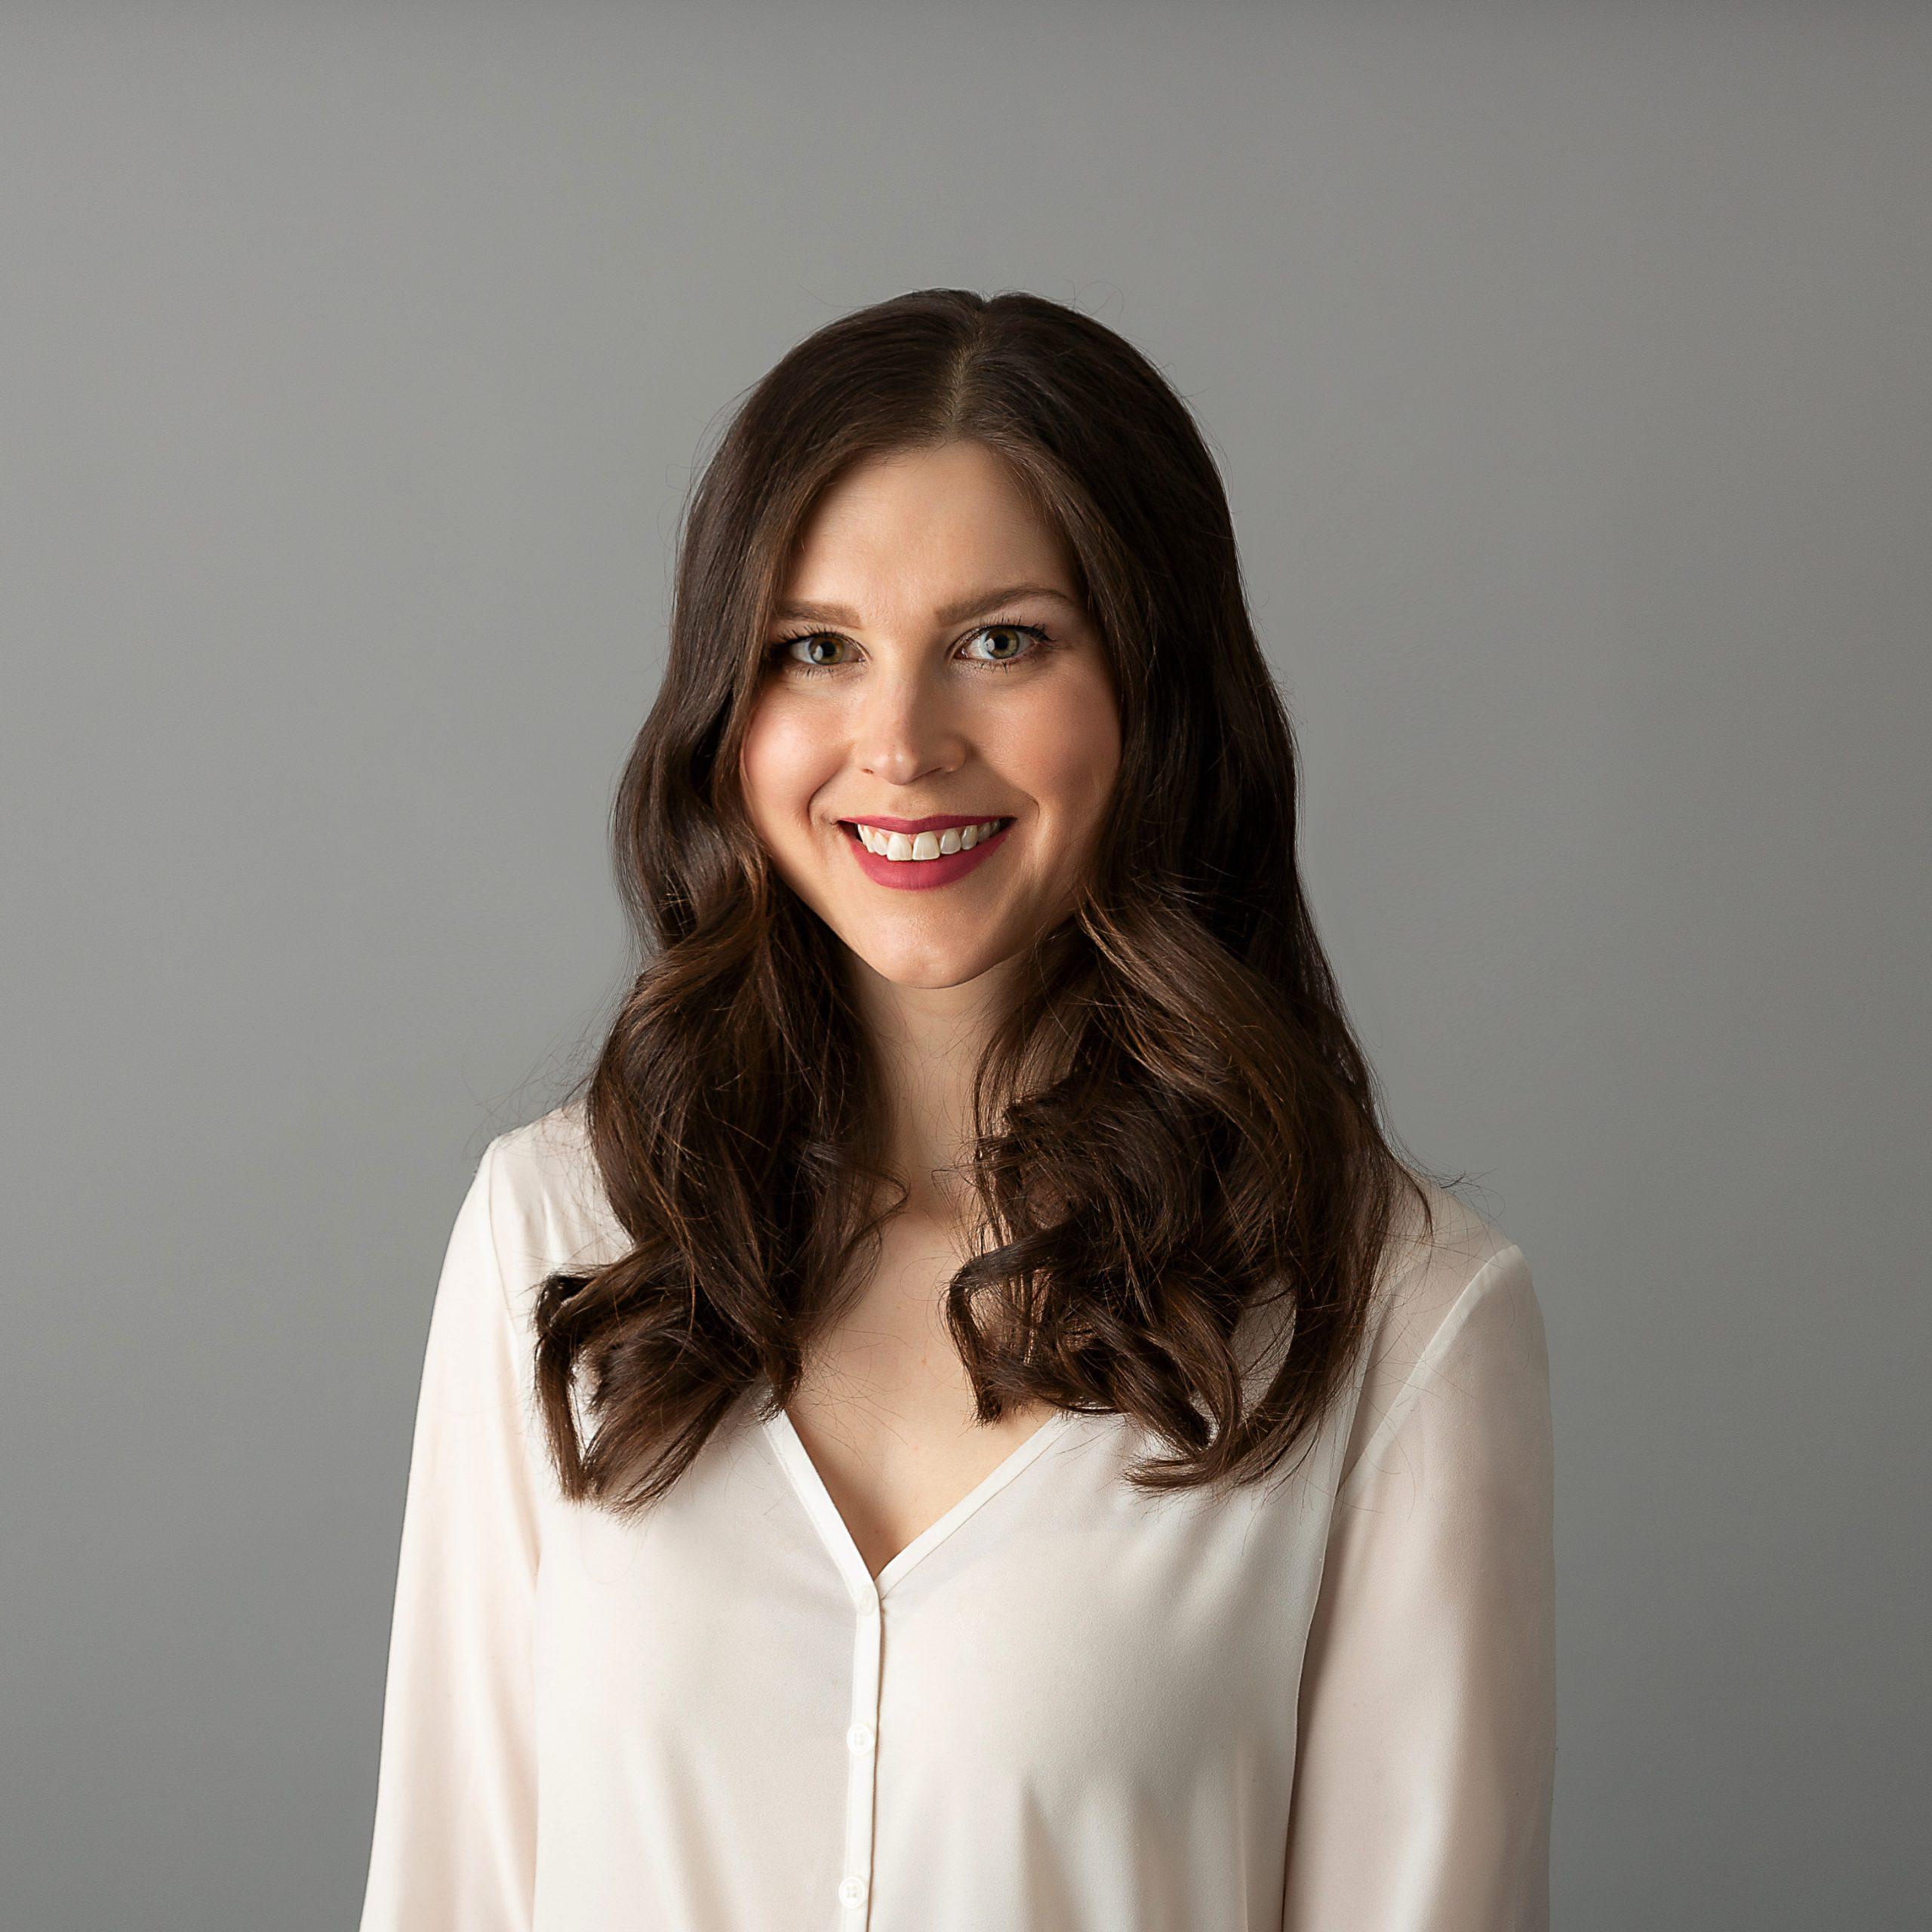 Katrina Kully-Martens